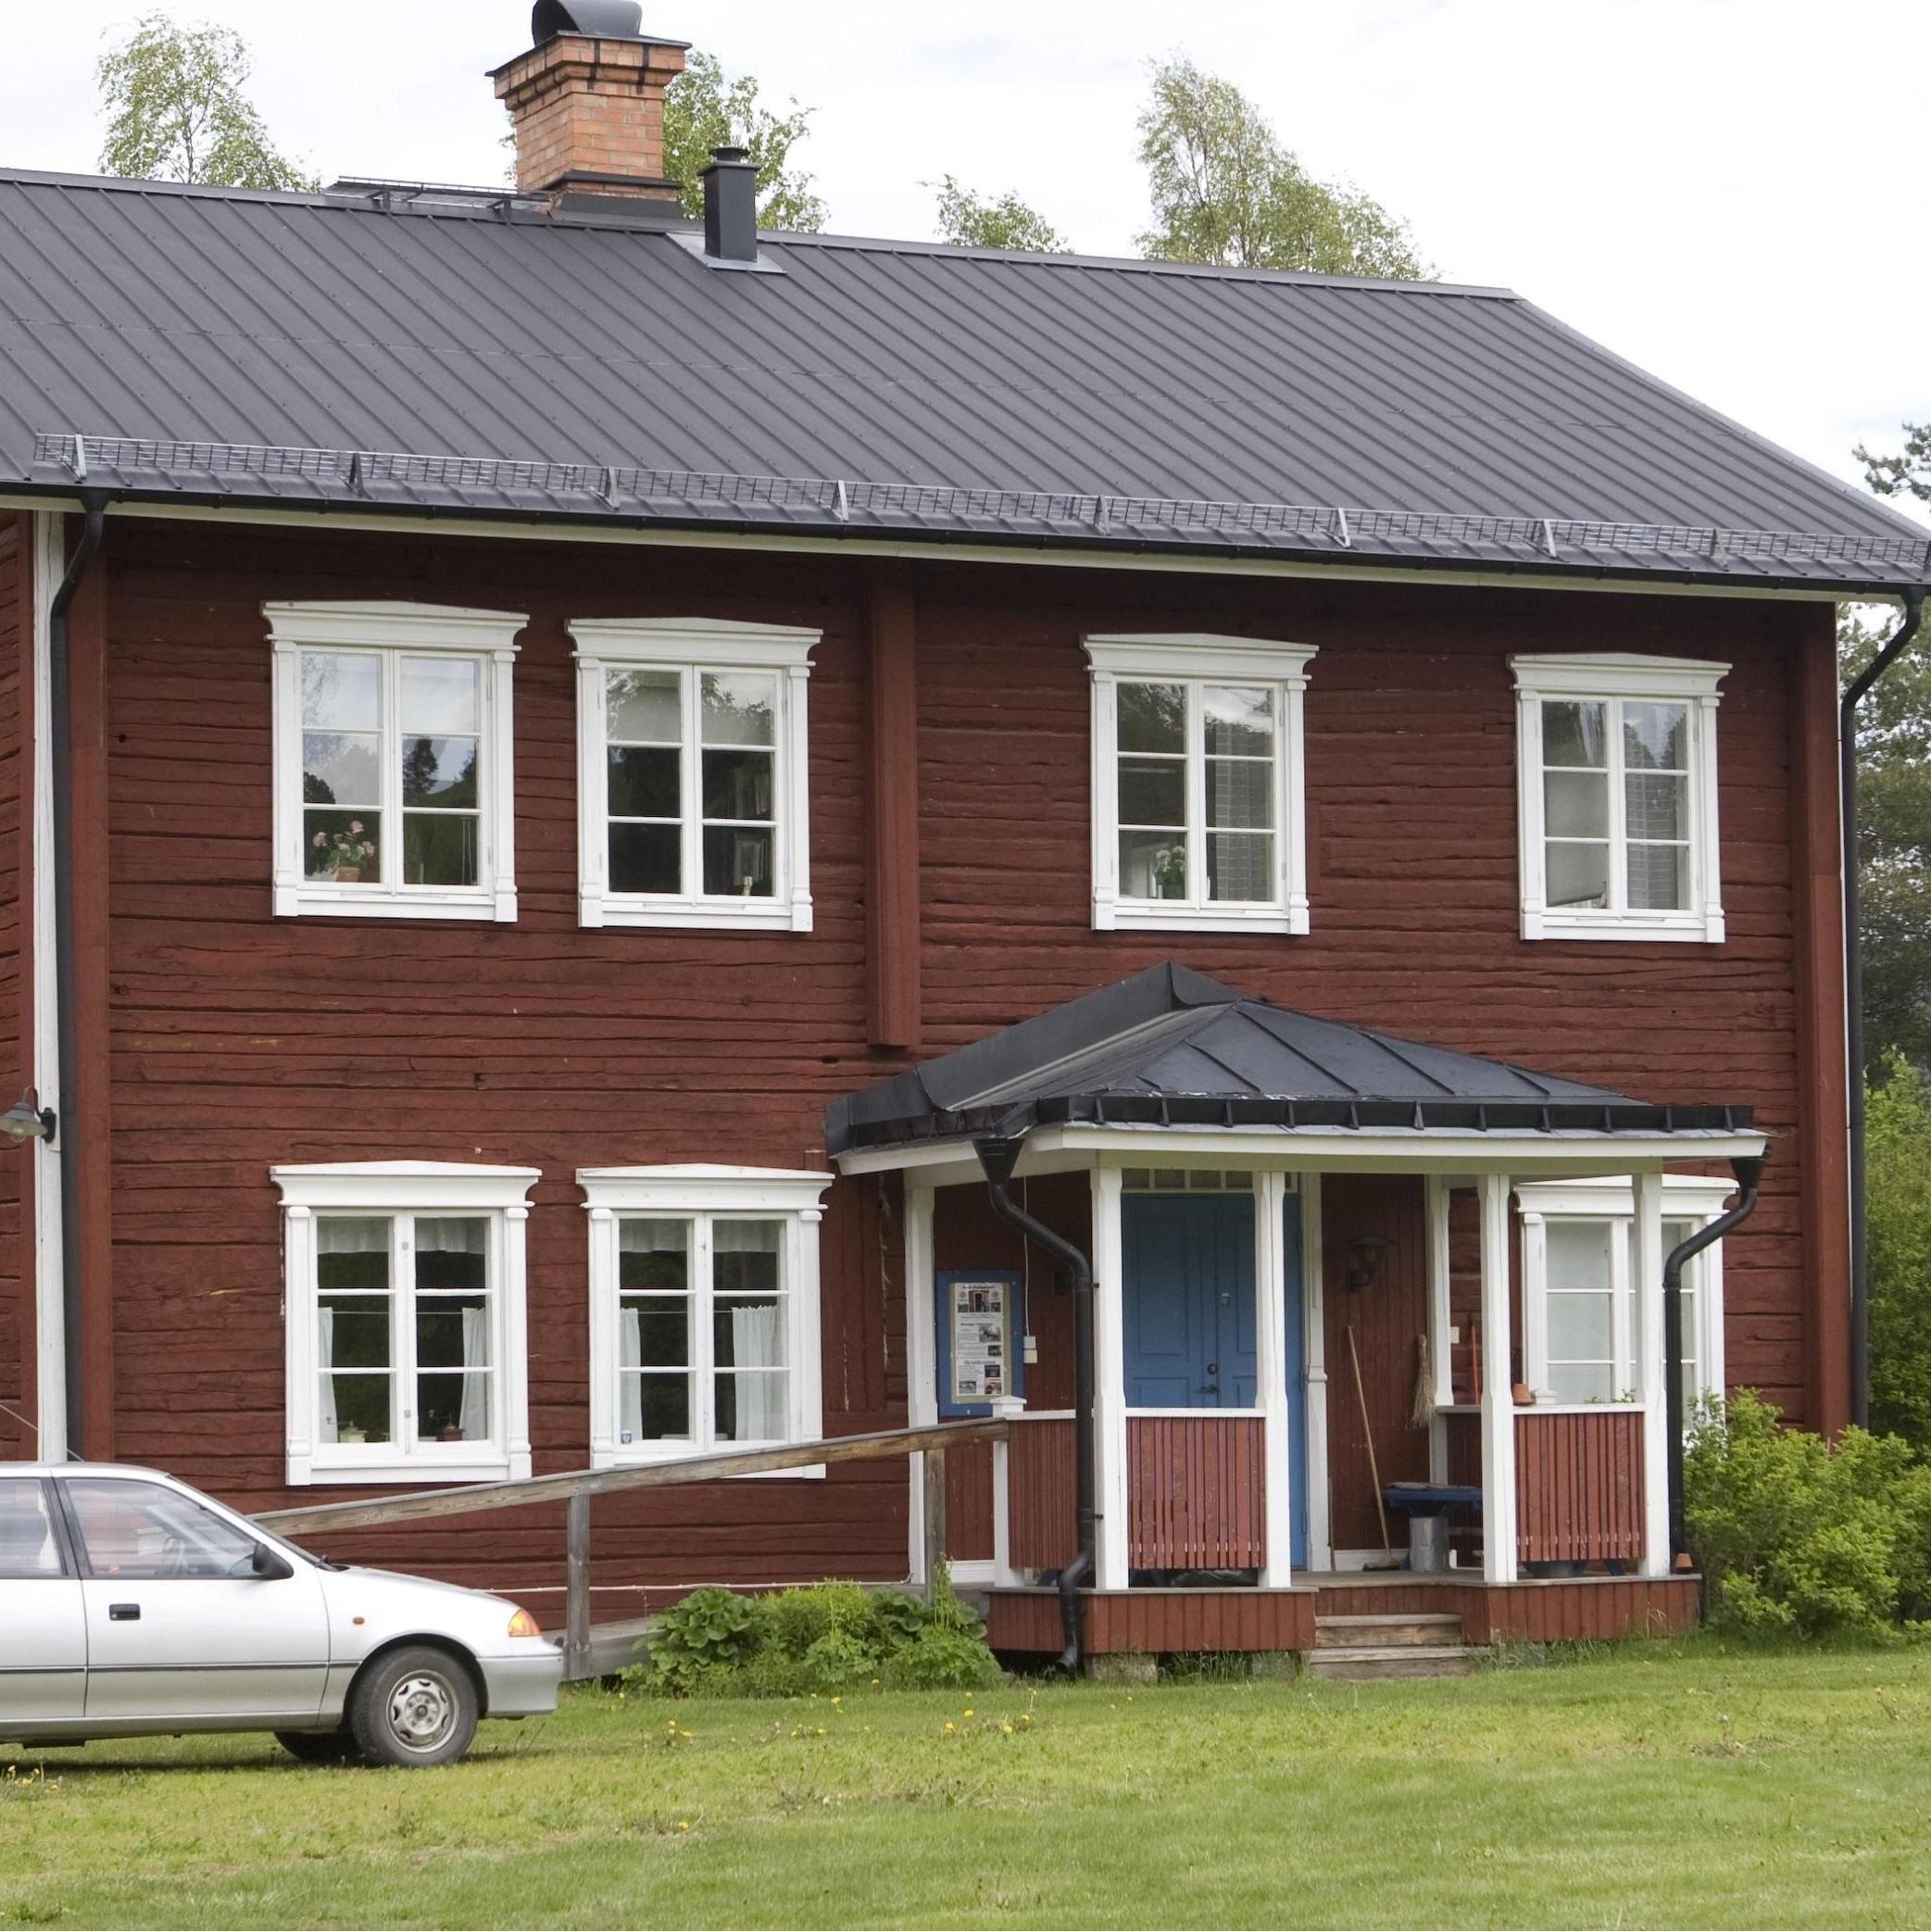 Foto: Stefan Sundqvist, Resele hembygdsgård